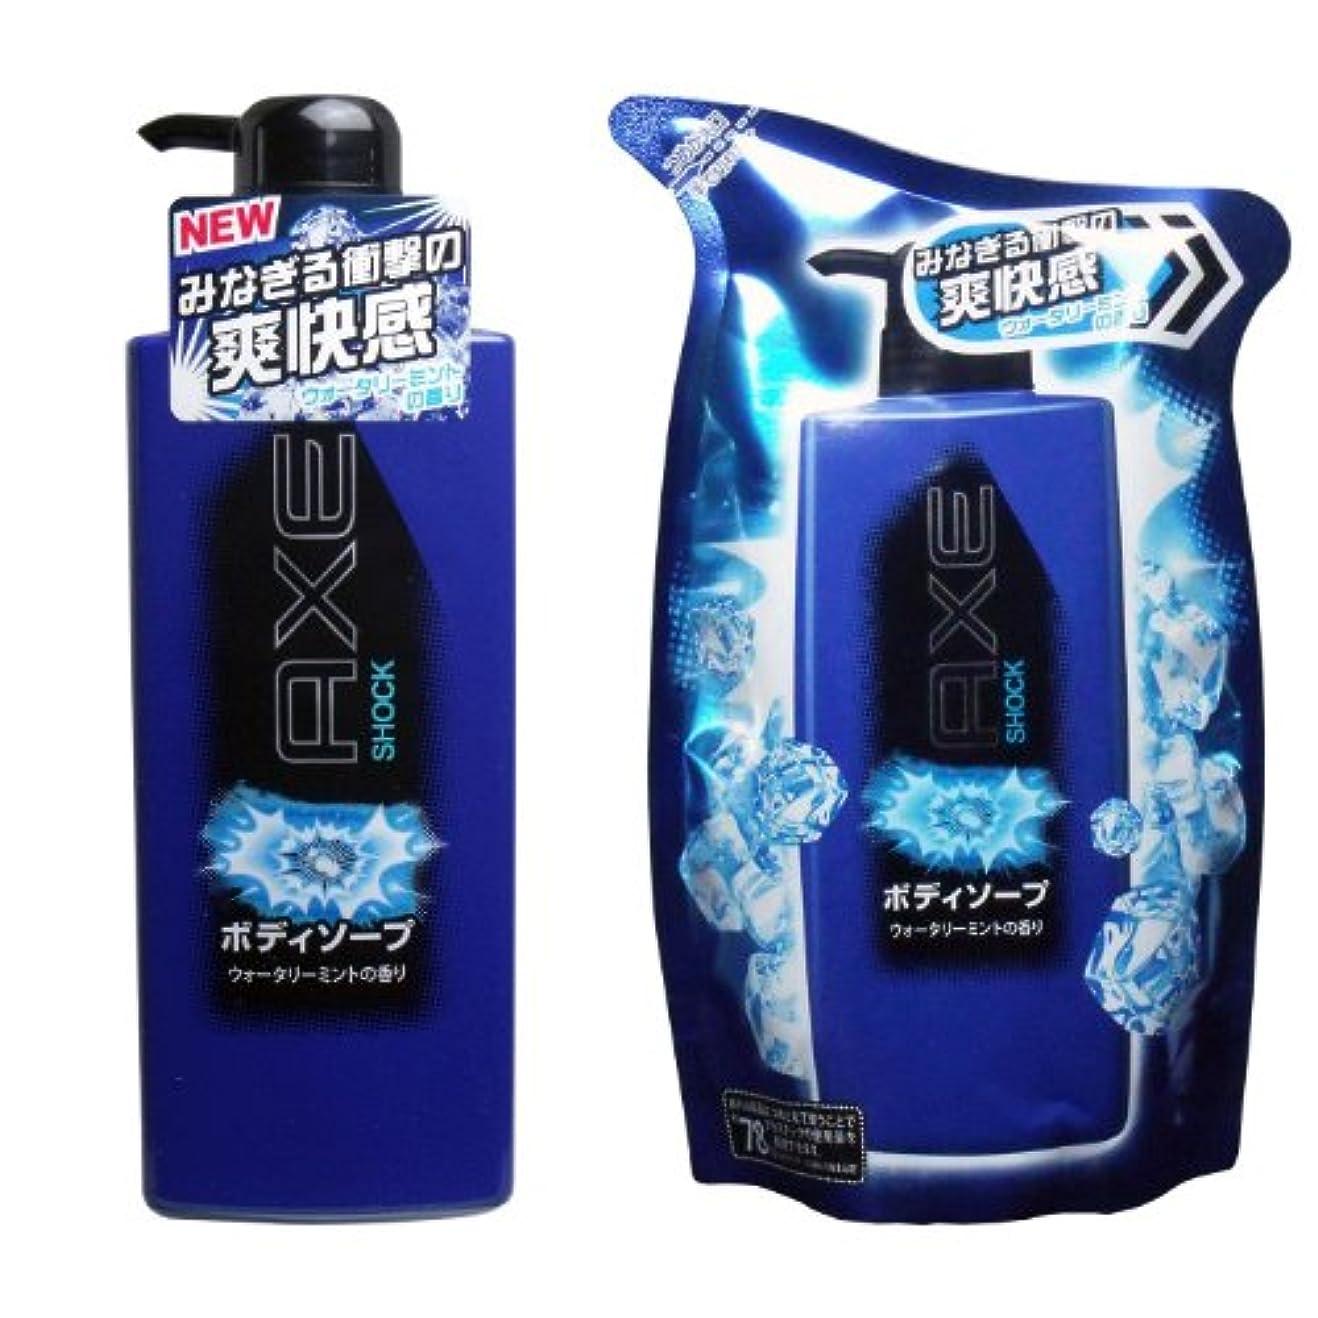 平手打ちテント症候群AXE(アックス) ボディソープに詰め替え用付きの2点セット (ショック ウォータリーミントの香り)